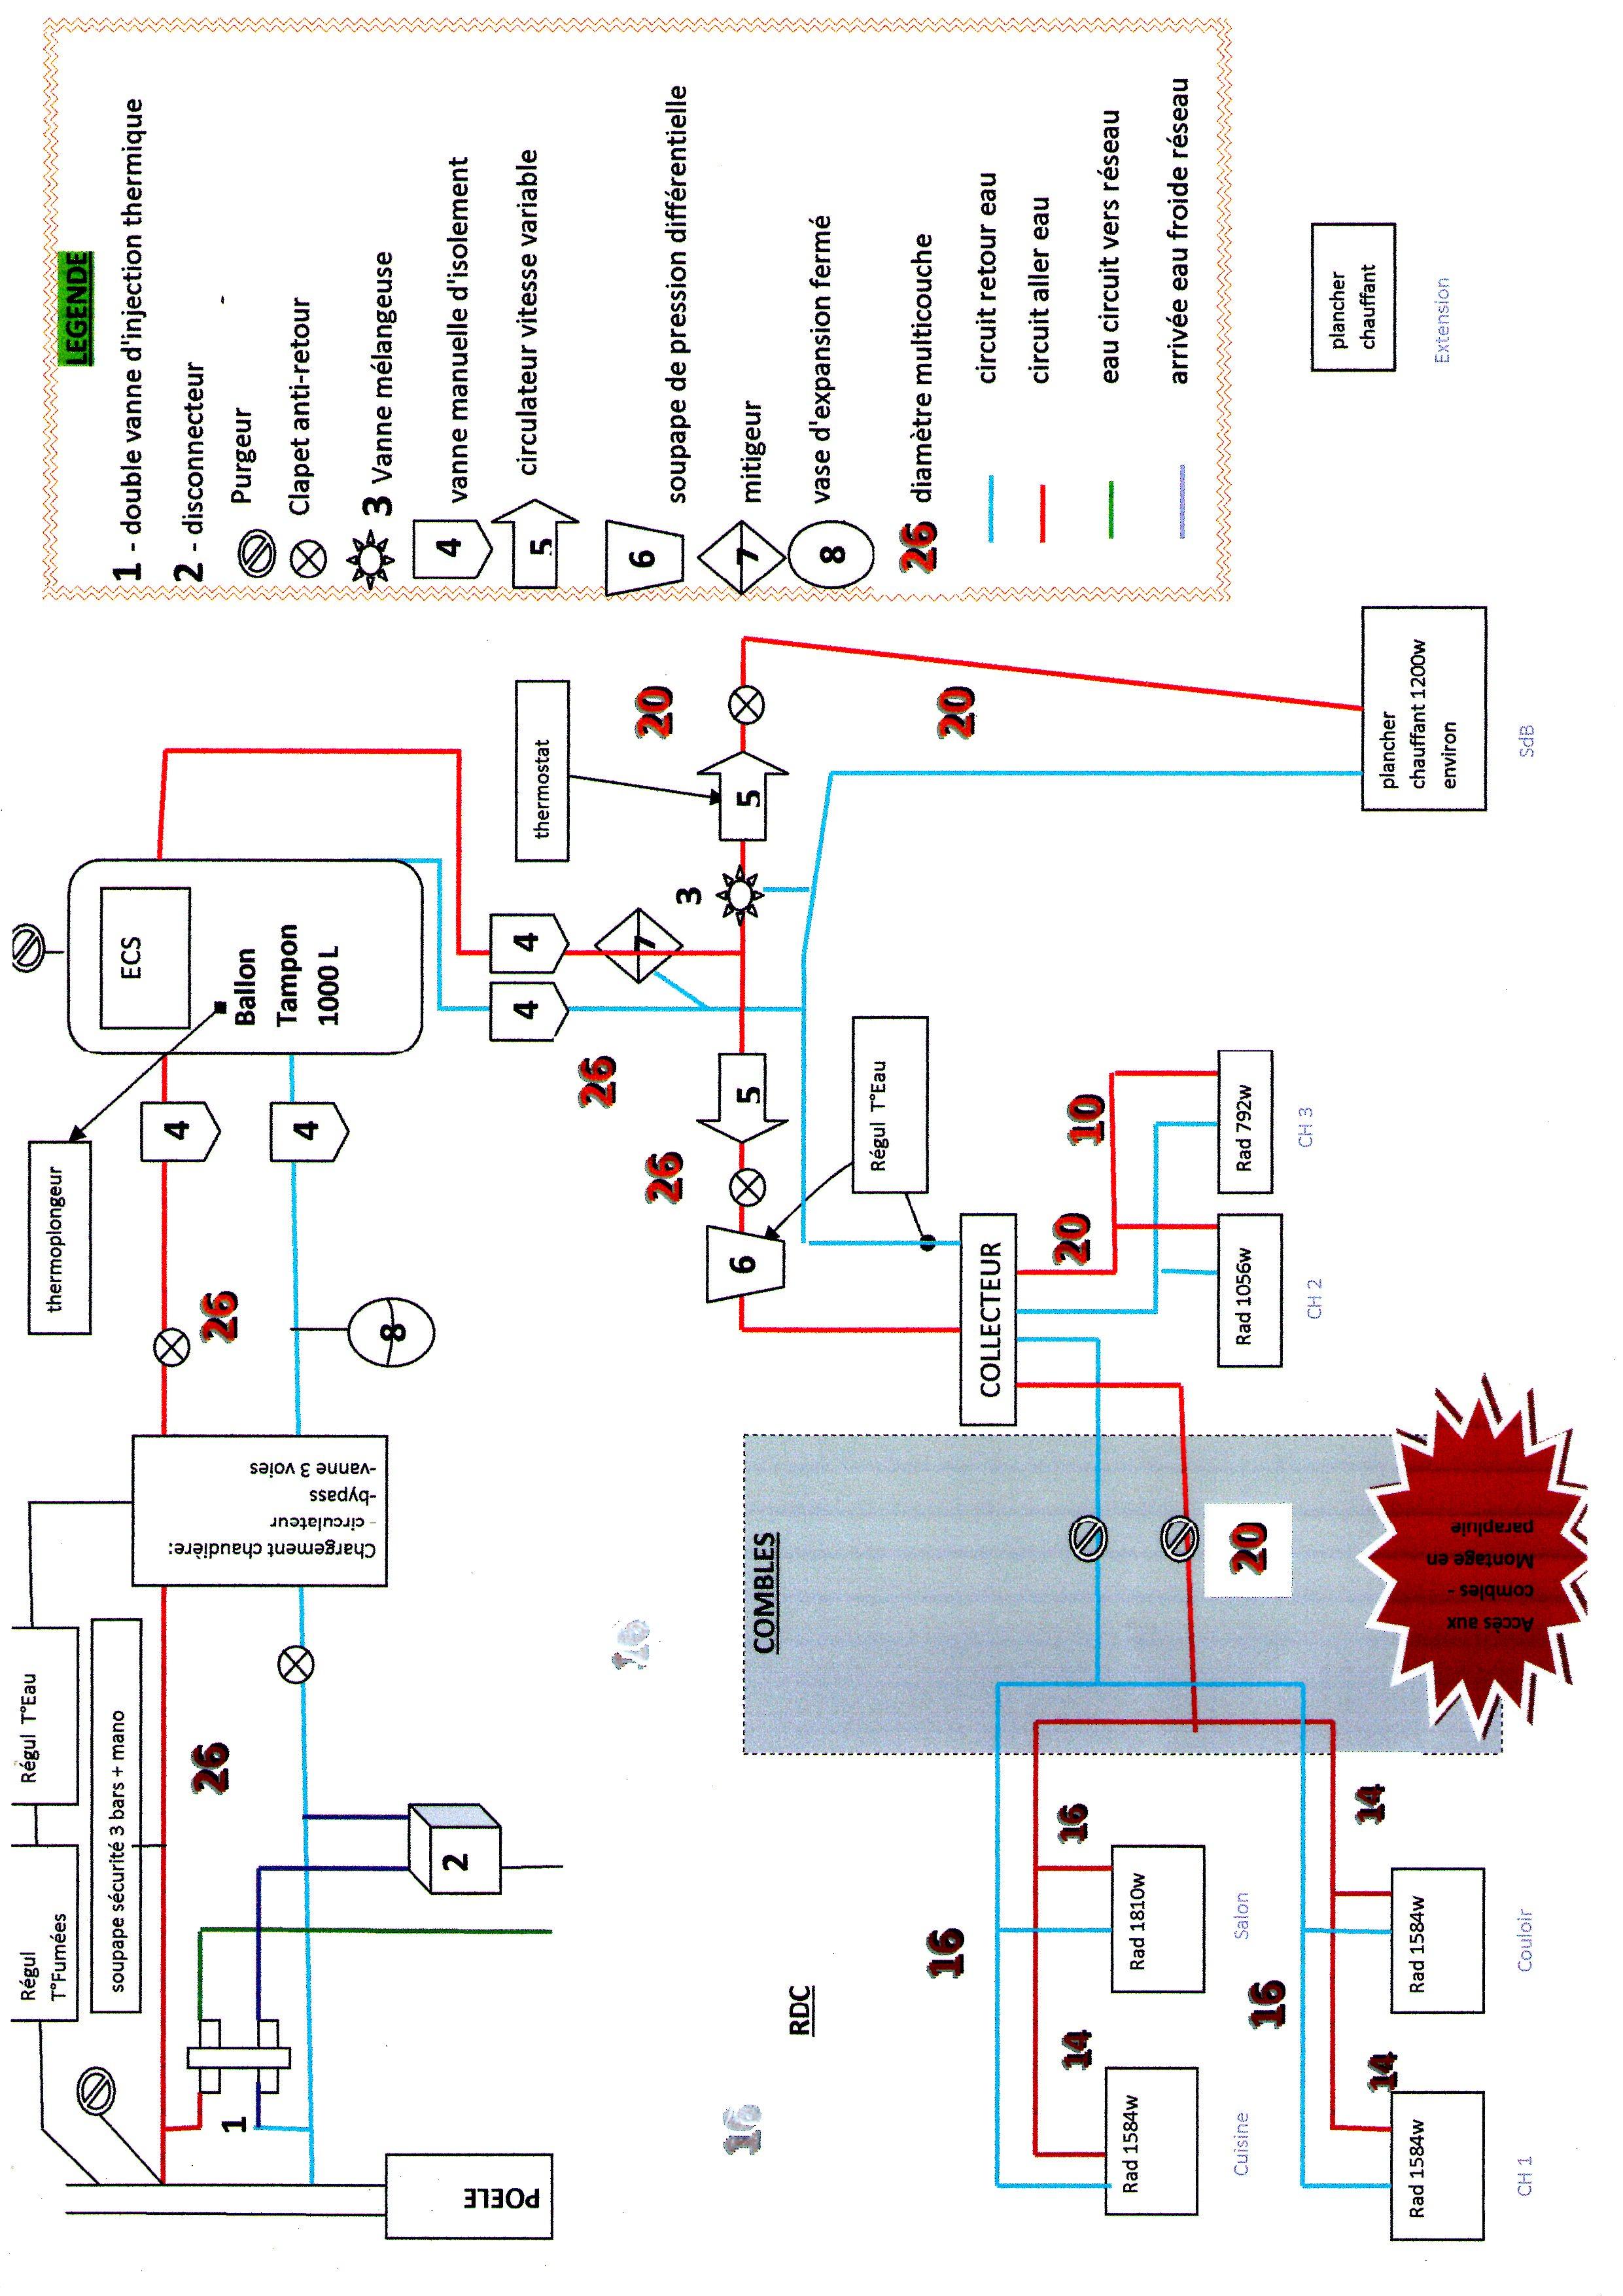 Schéma chauffage central avec 2 circulateurs018.jpg, 1.04 mb, 2481 x 3509